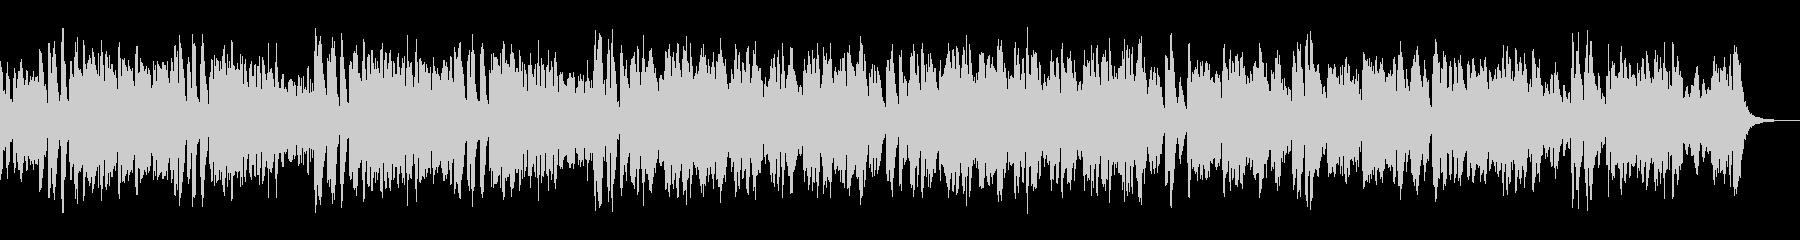 わくわく楽しい軽快なラグタイムピアノ02の未再生の波形